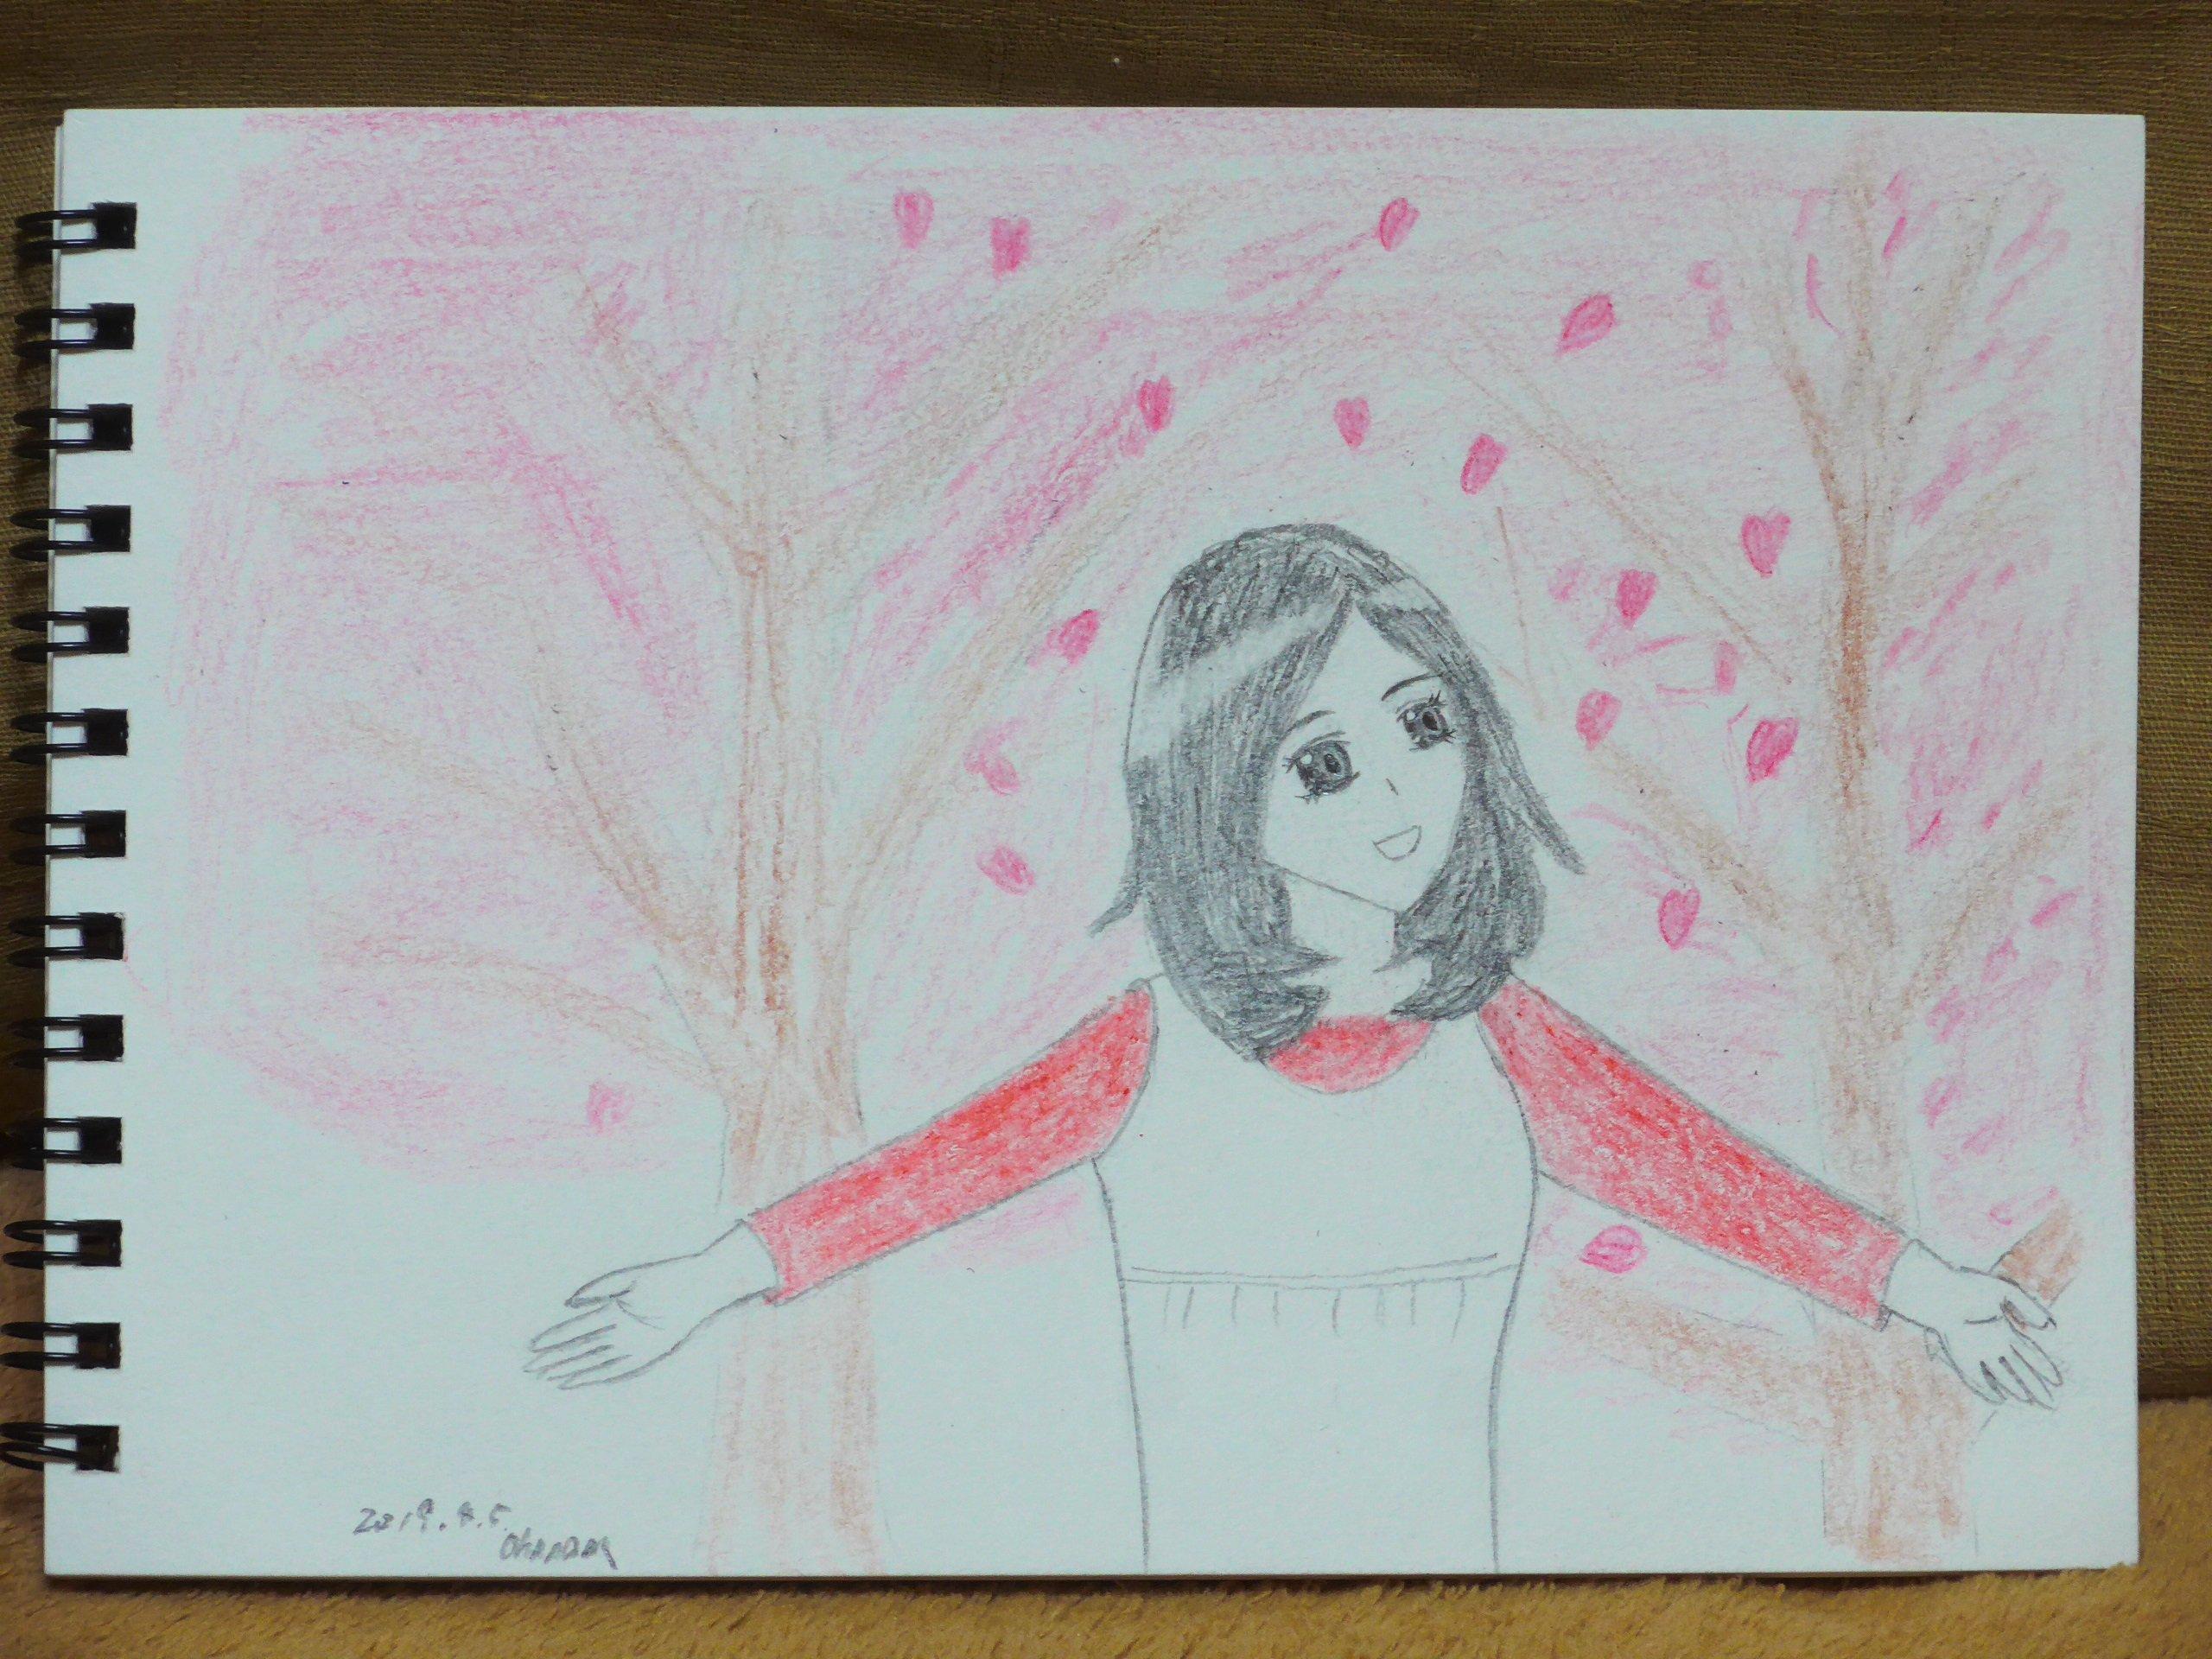 Ohnnam@絵の上達は茨の道 (@setsutowa)さんのイラスト